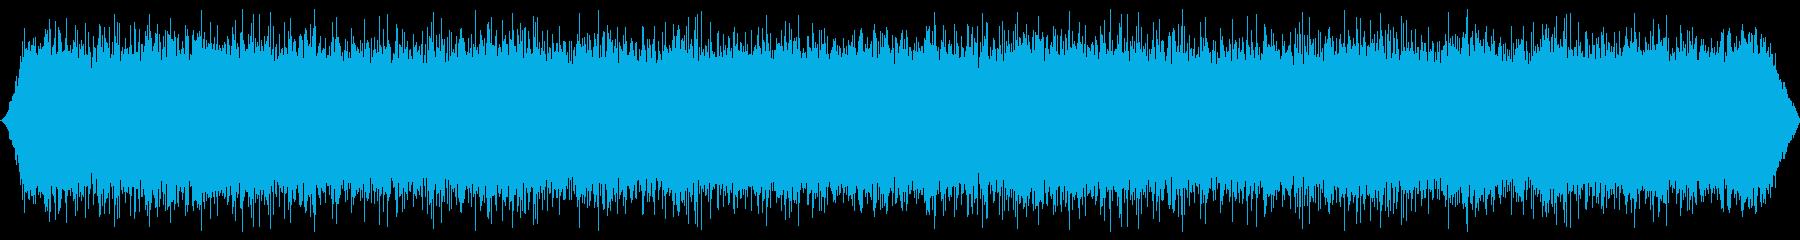 バブリングマウンテンリバー:ヘビーフローの再生済みの波形